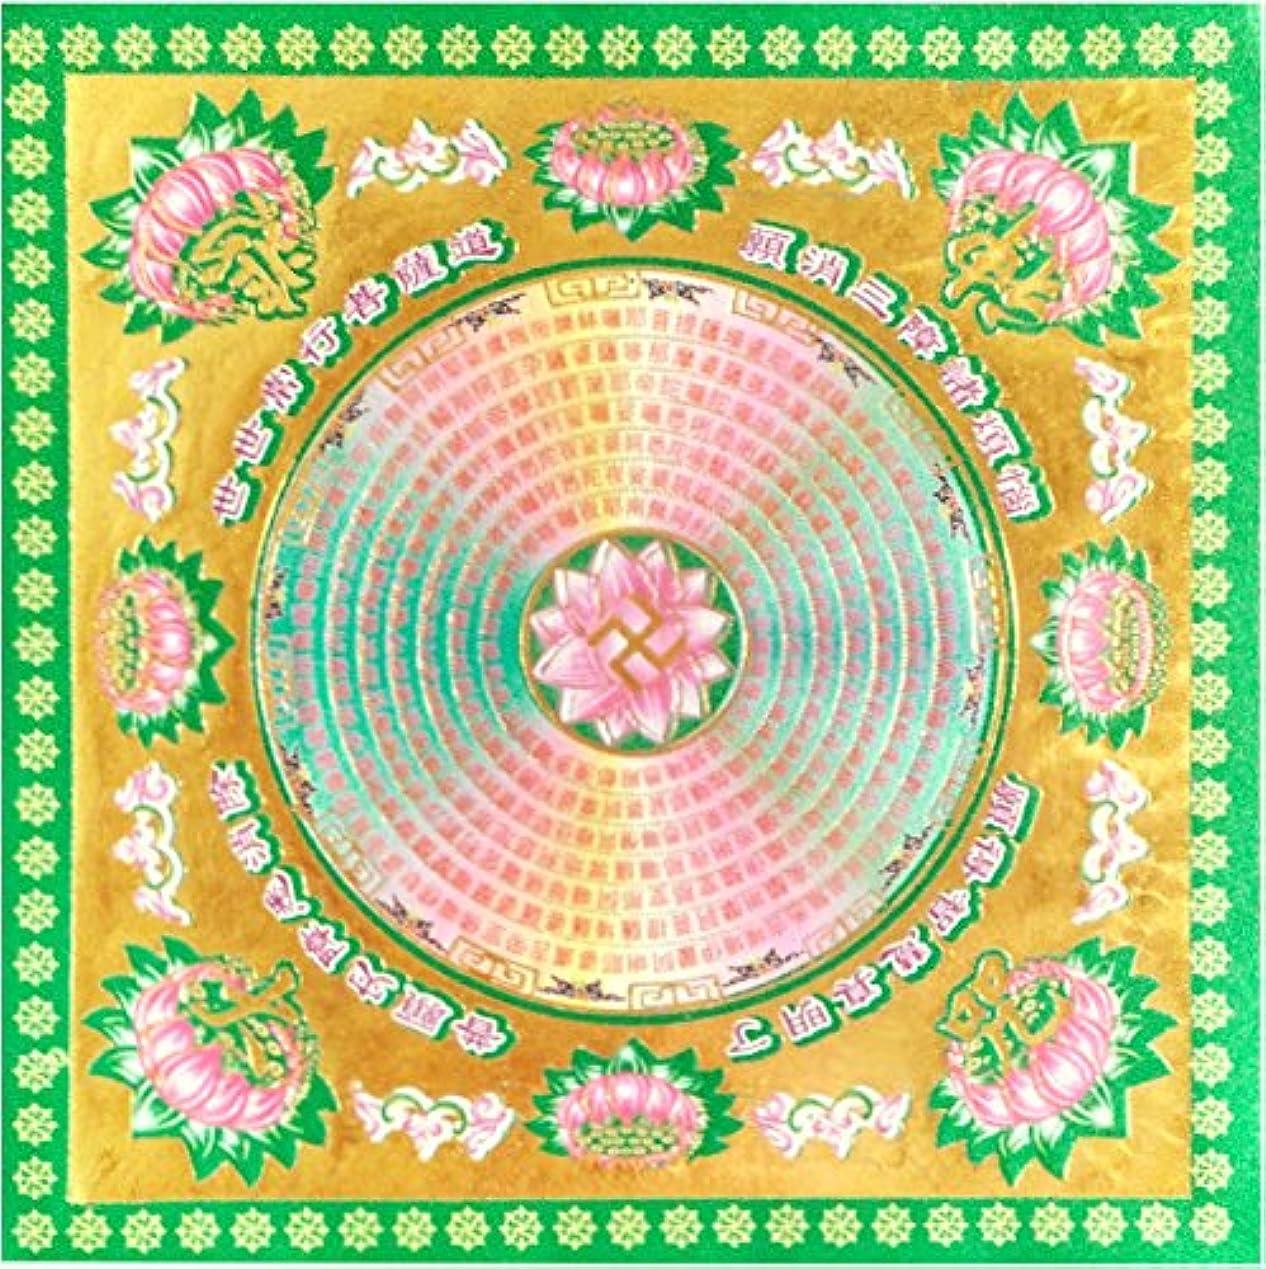 最初潜む補償紙香 / 冥銭 49枚 高級 金箔付き色彩豊か (サイズ S) 祖先への祈りのため 7.5インチ×7.5インチ(緑色)